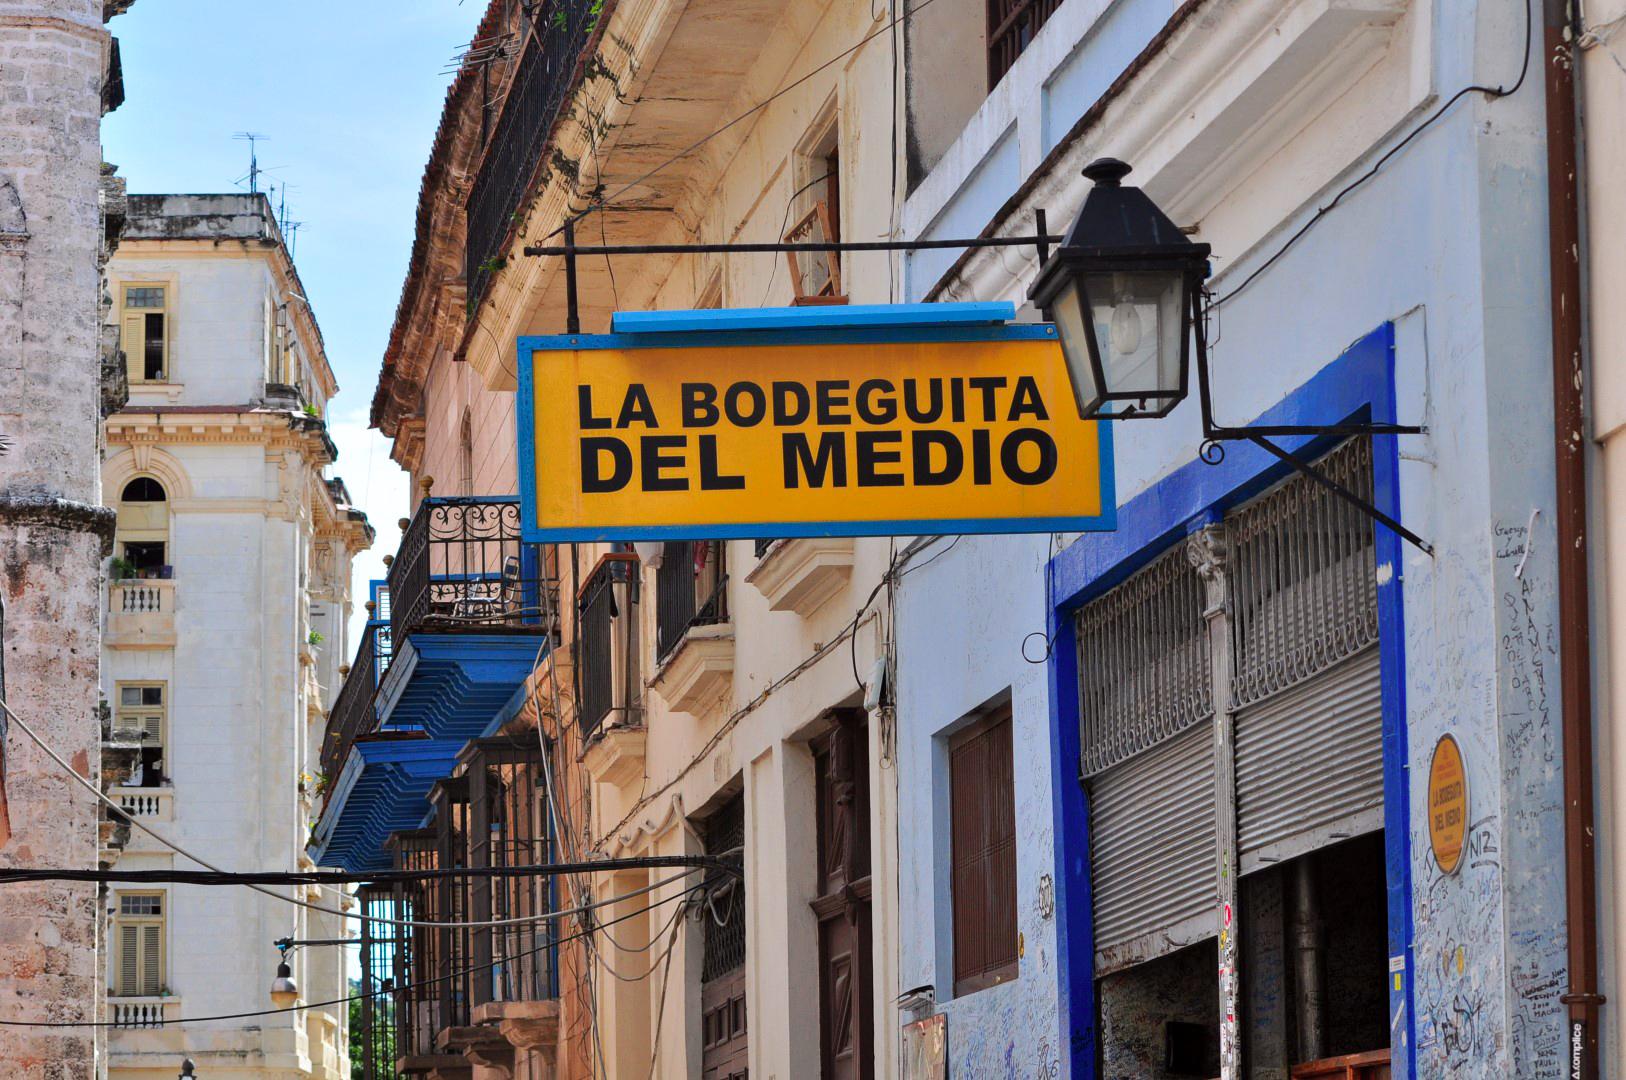 Qué ver en La Habana, Cuba qué ver en la habana, cuba - 30472651003 0ffeda77ee o - Qué ver en La Habana, Cuba